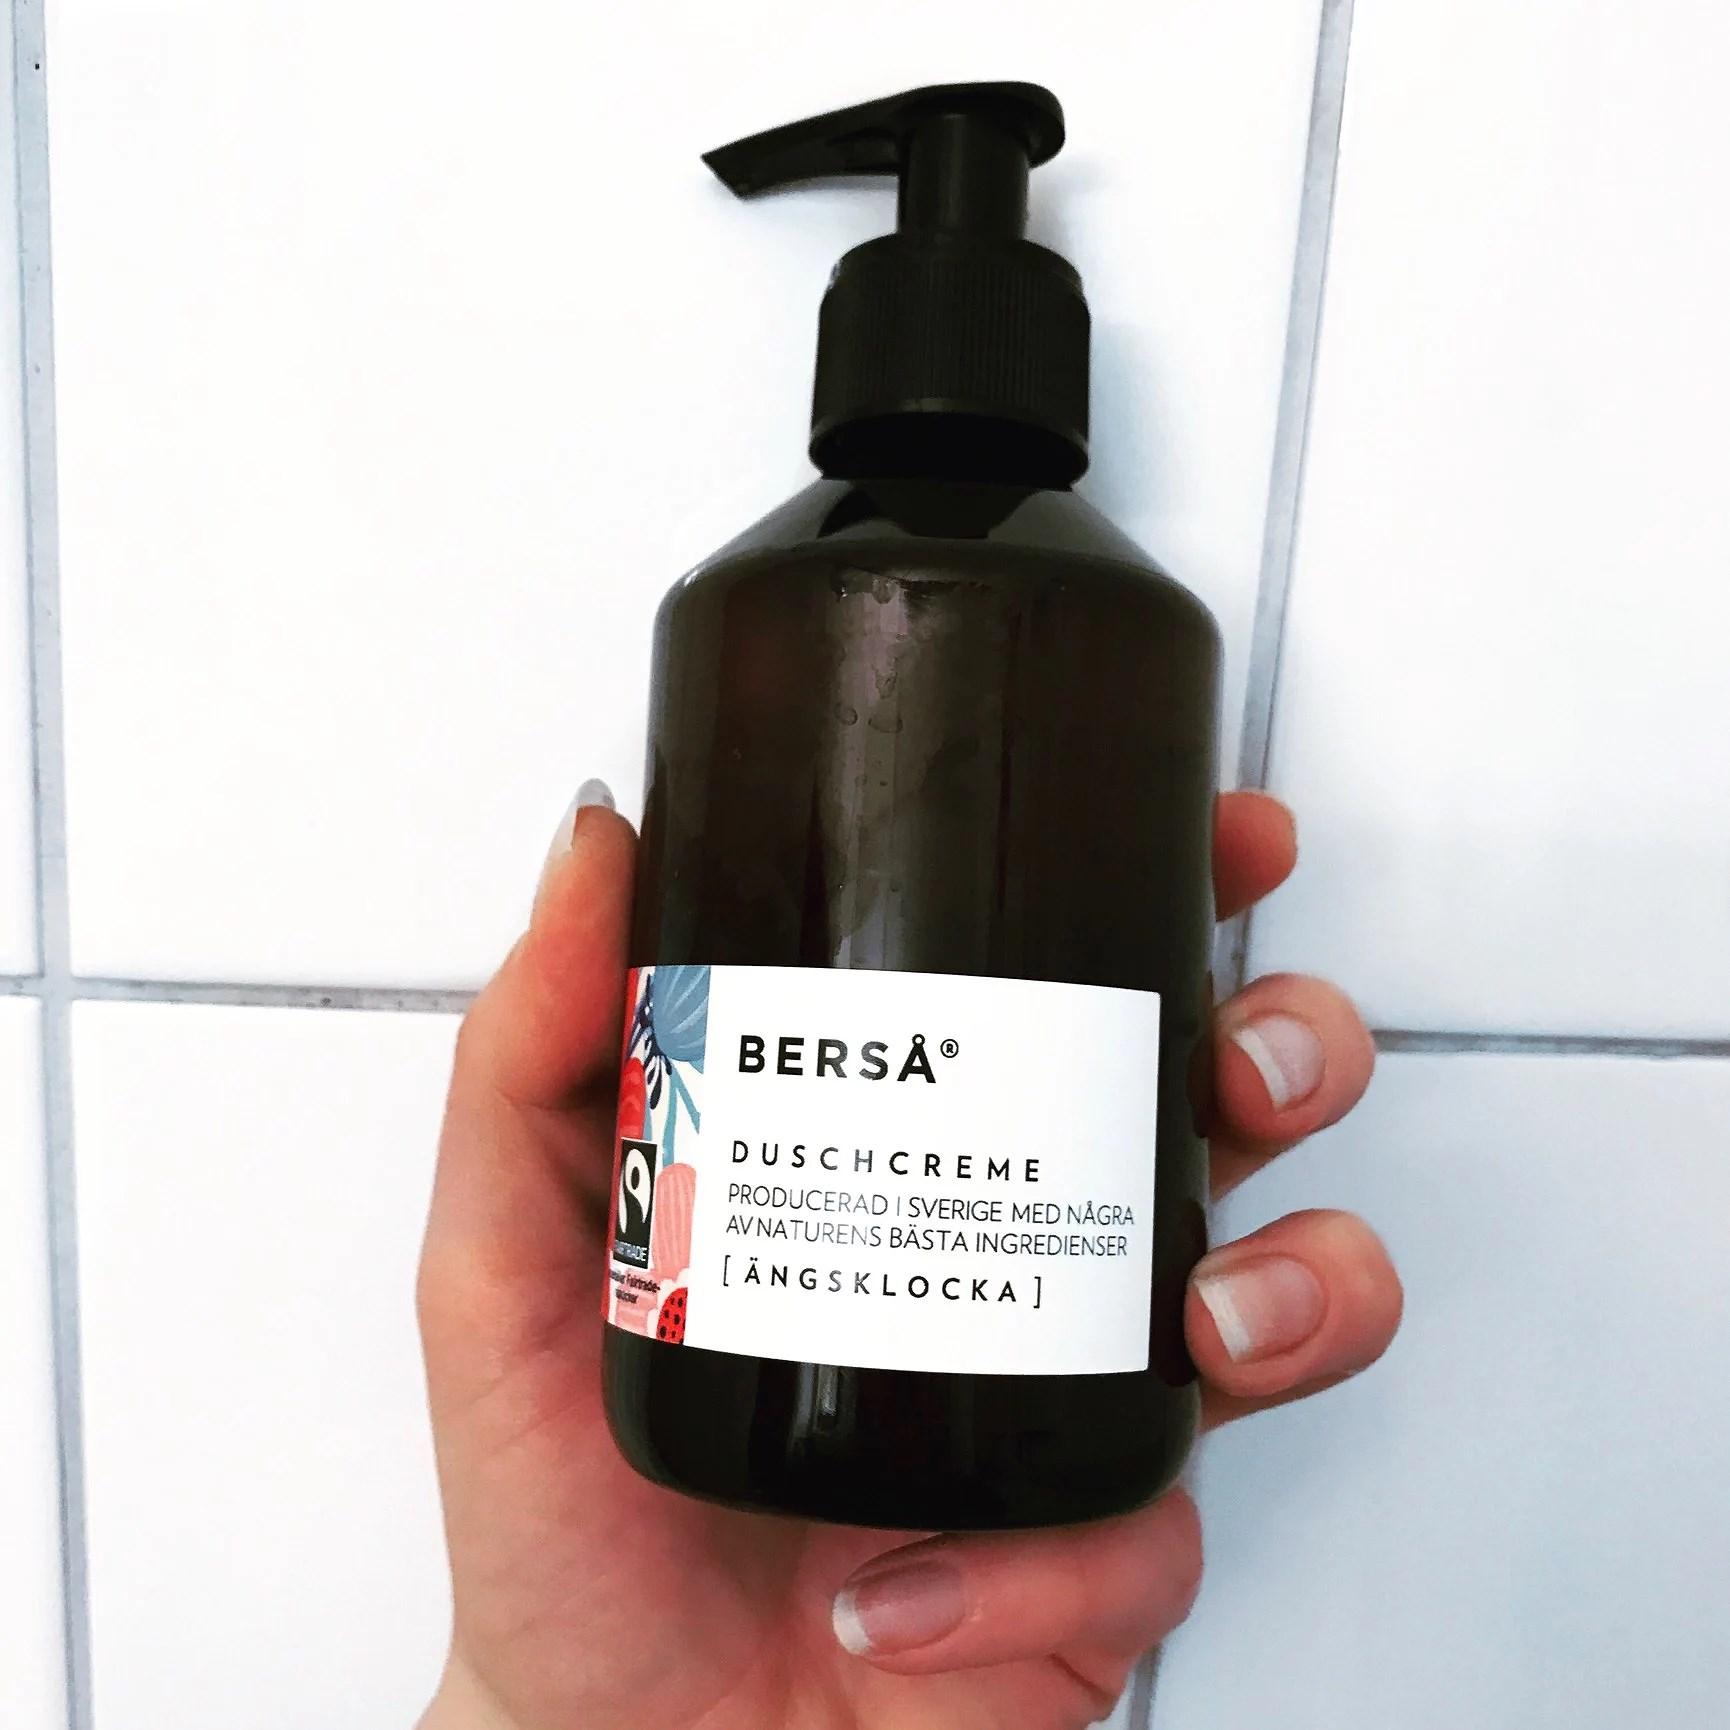 Lite manligt i duschen!